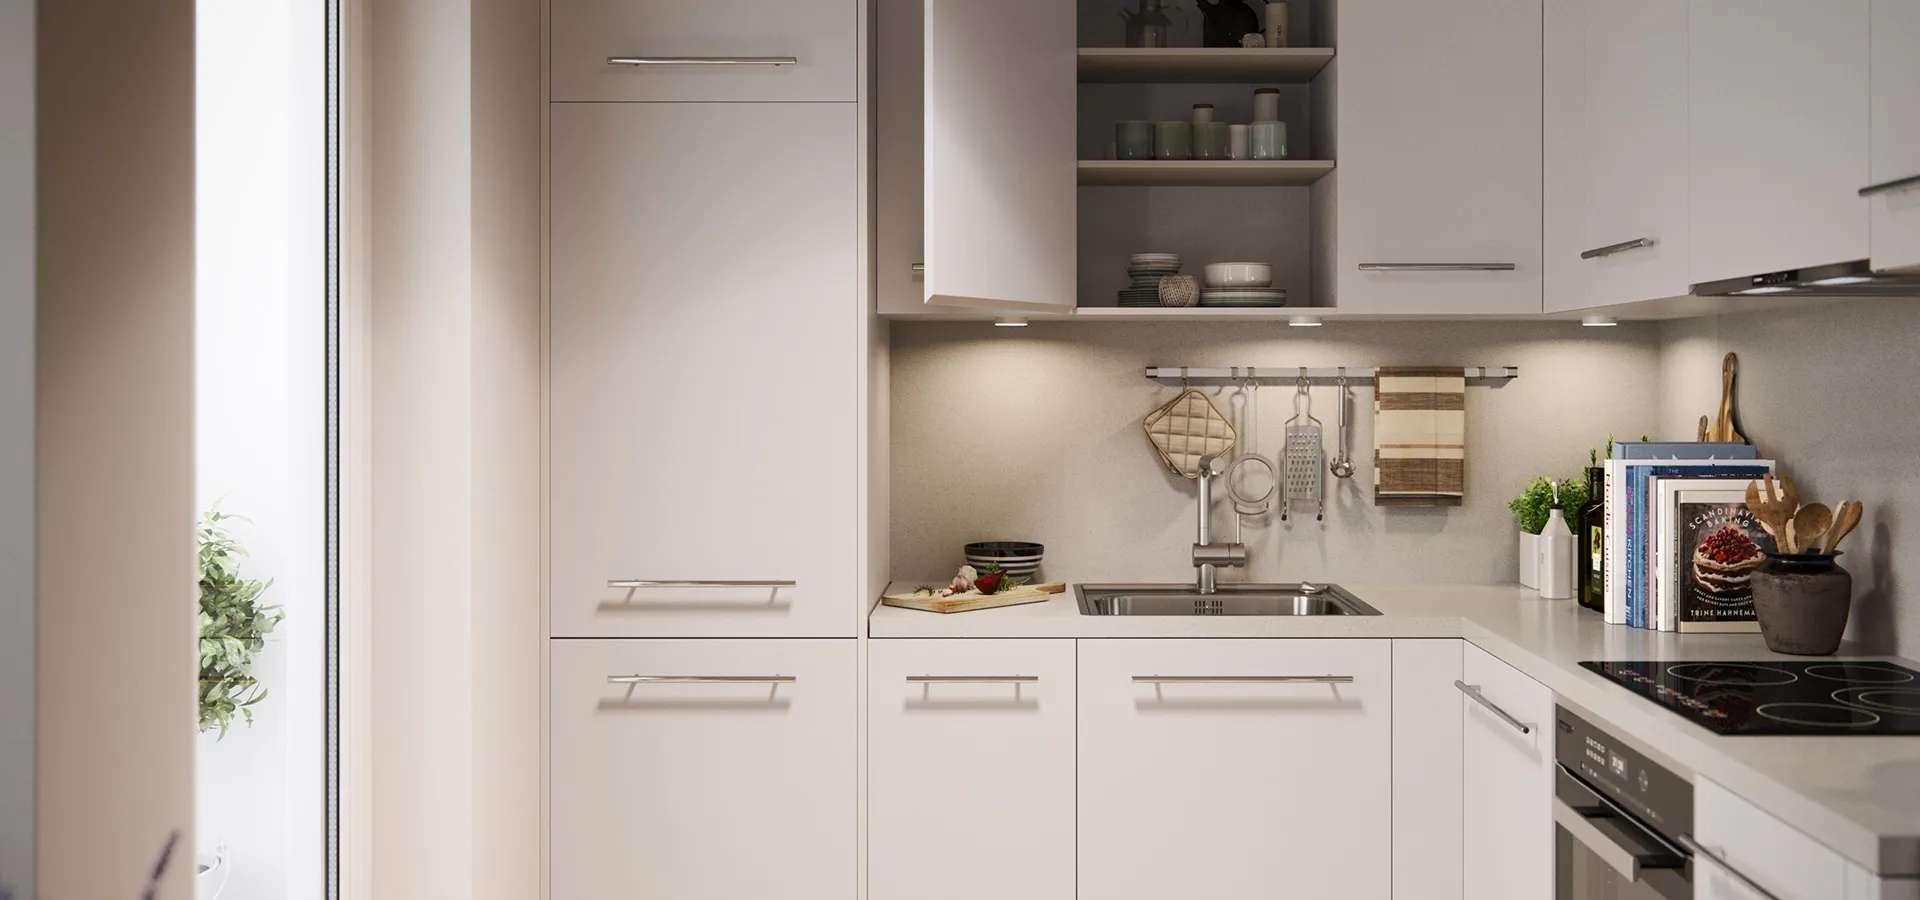 Drip Line Küche – Kuchen Bild Idee